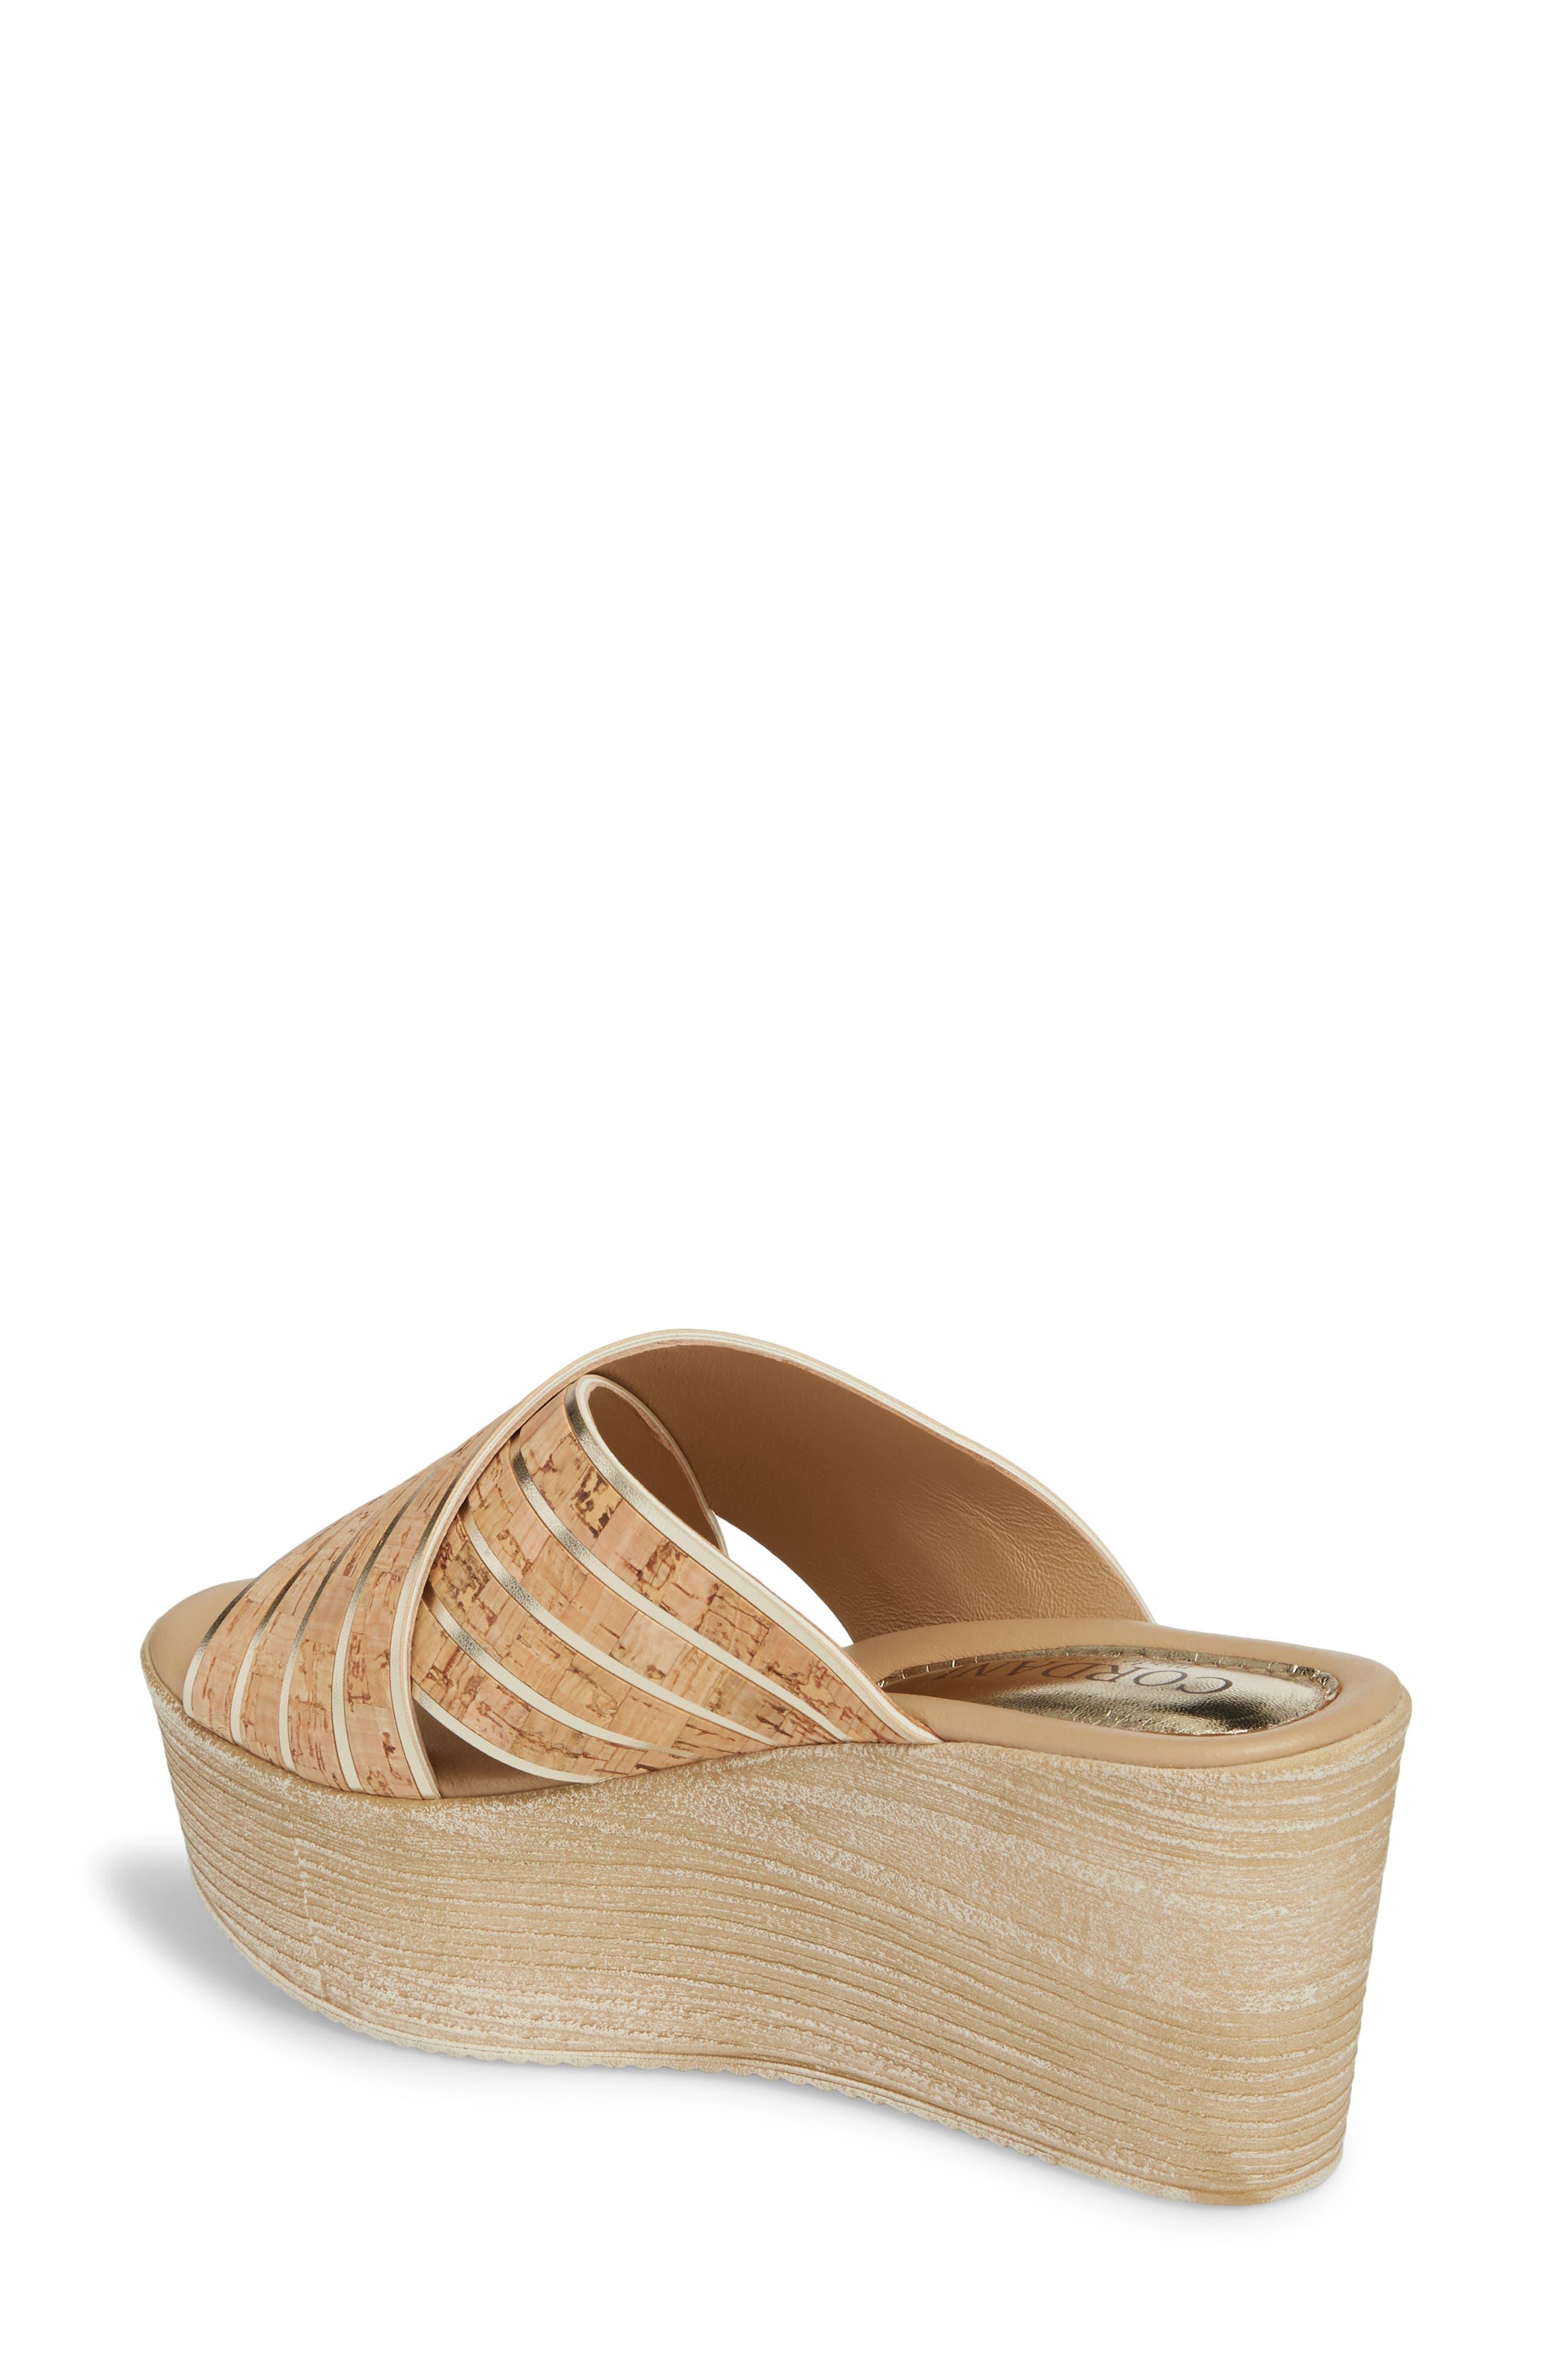 Jacey Platform Wedge Slide Sandal,                             Alternate thumbnail 2, color,                             Cork/ Gold